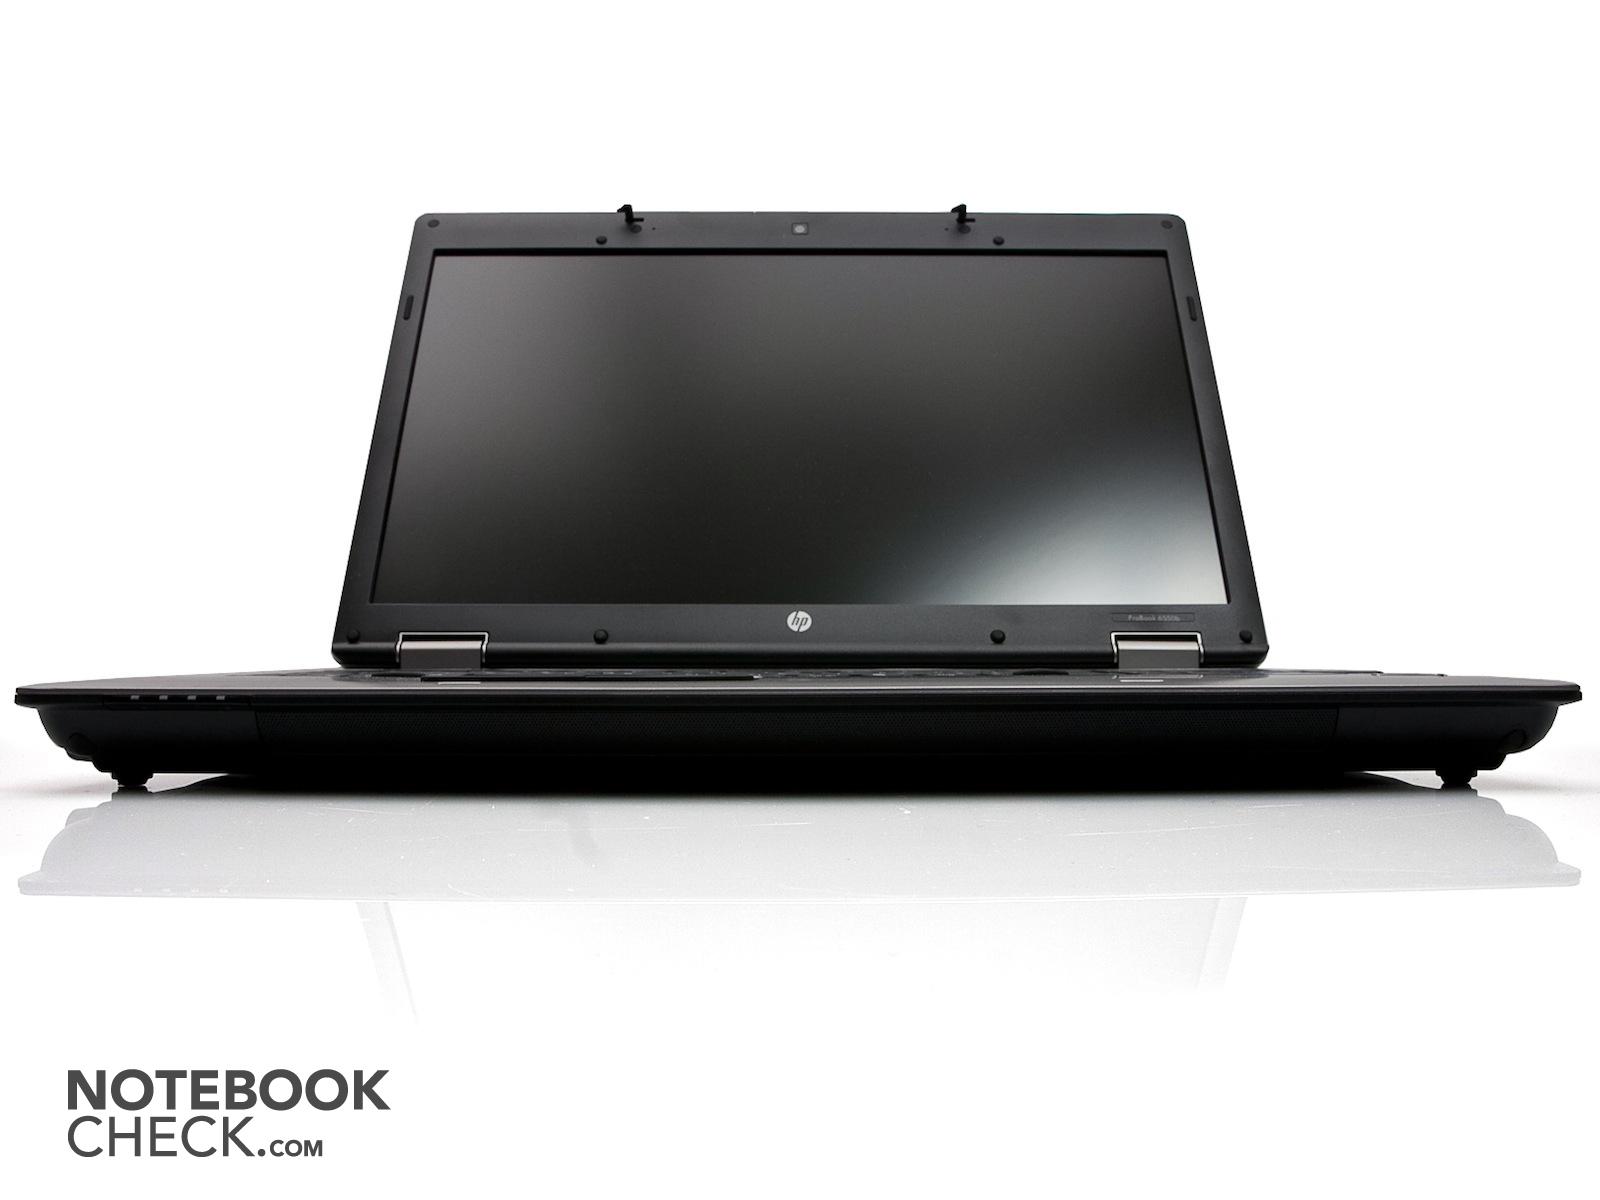 инструкция на русском языке для ноутбука hp 550